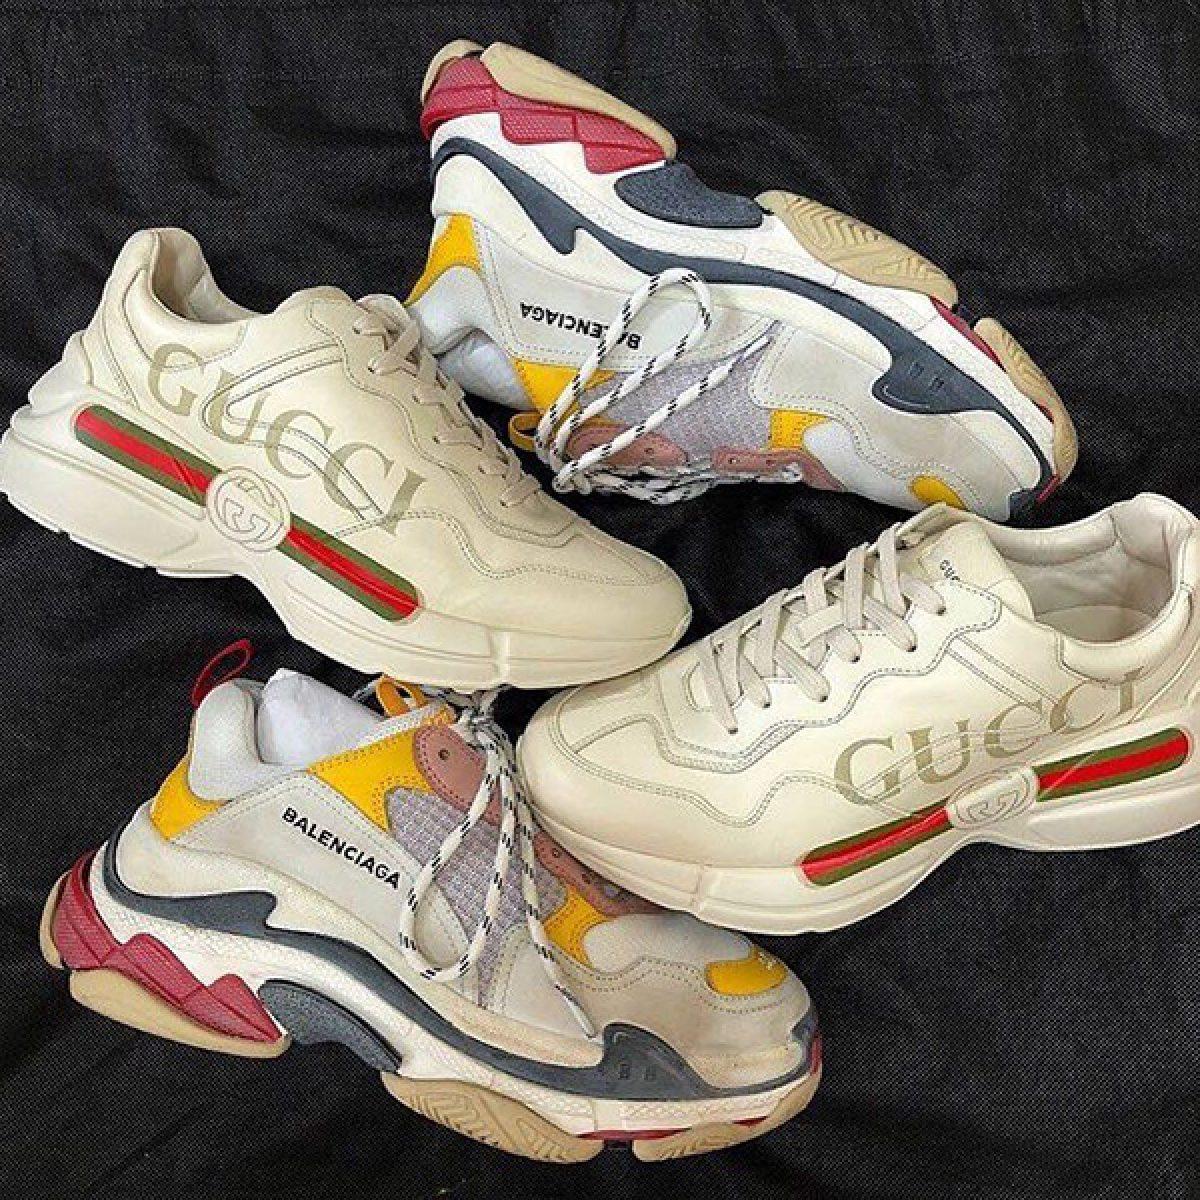 Dịch vụ gửi hàng giày, dép các loại đi Trung Quốc uy tín, chất lượng